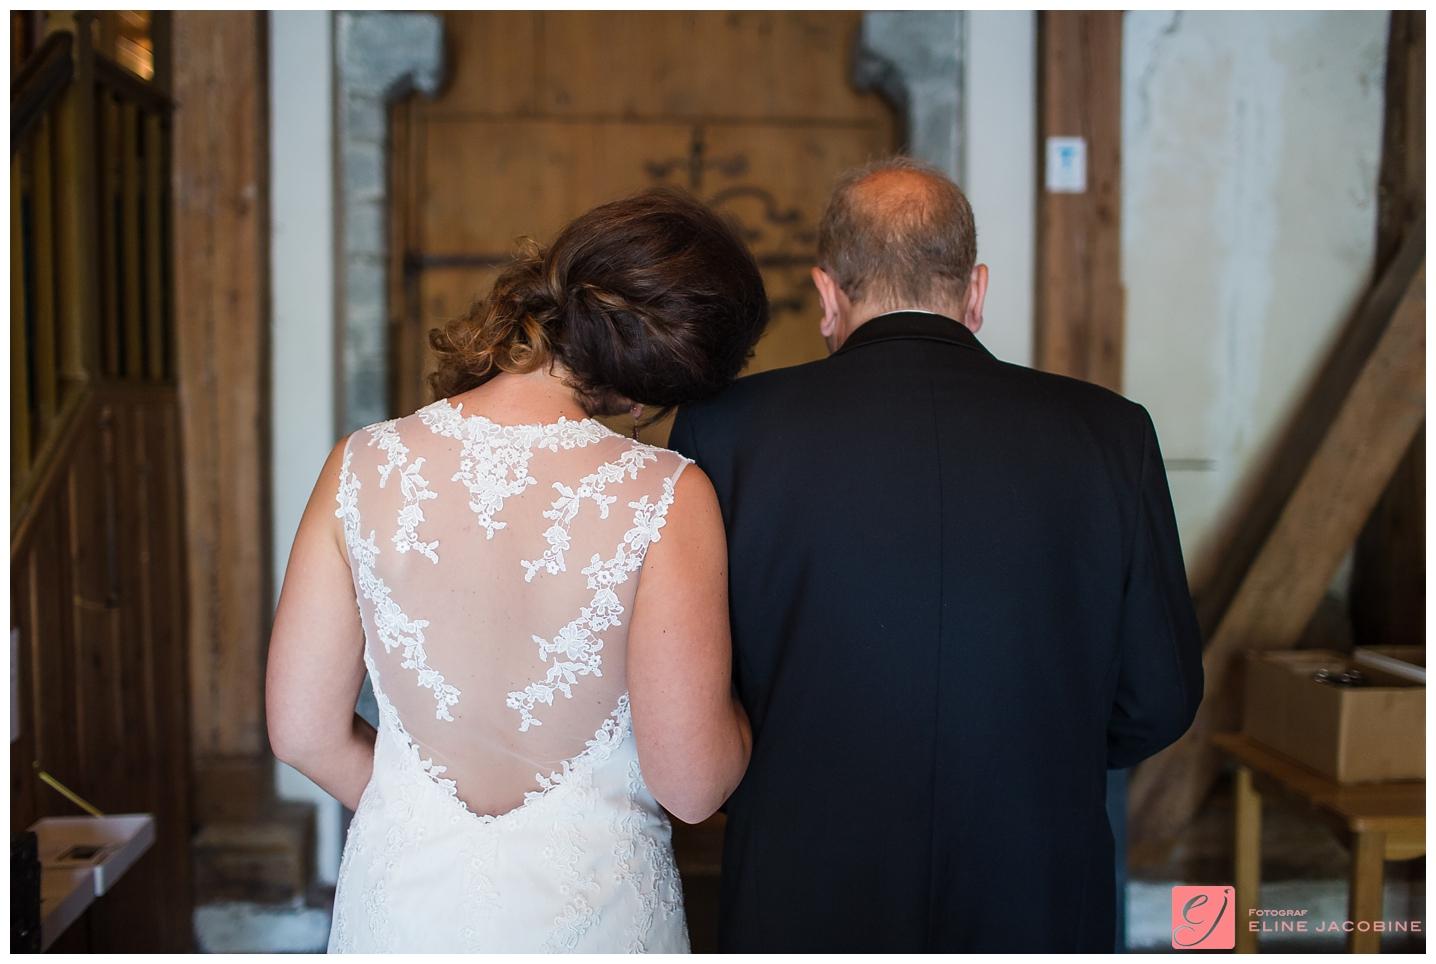 Fotograf-Eline-Jacobine-Bryllupsfotografering-Strand-Hotell-Fevik-Marte-og-Magnus_0017